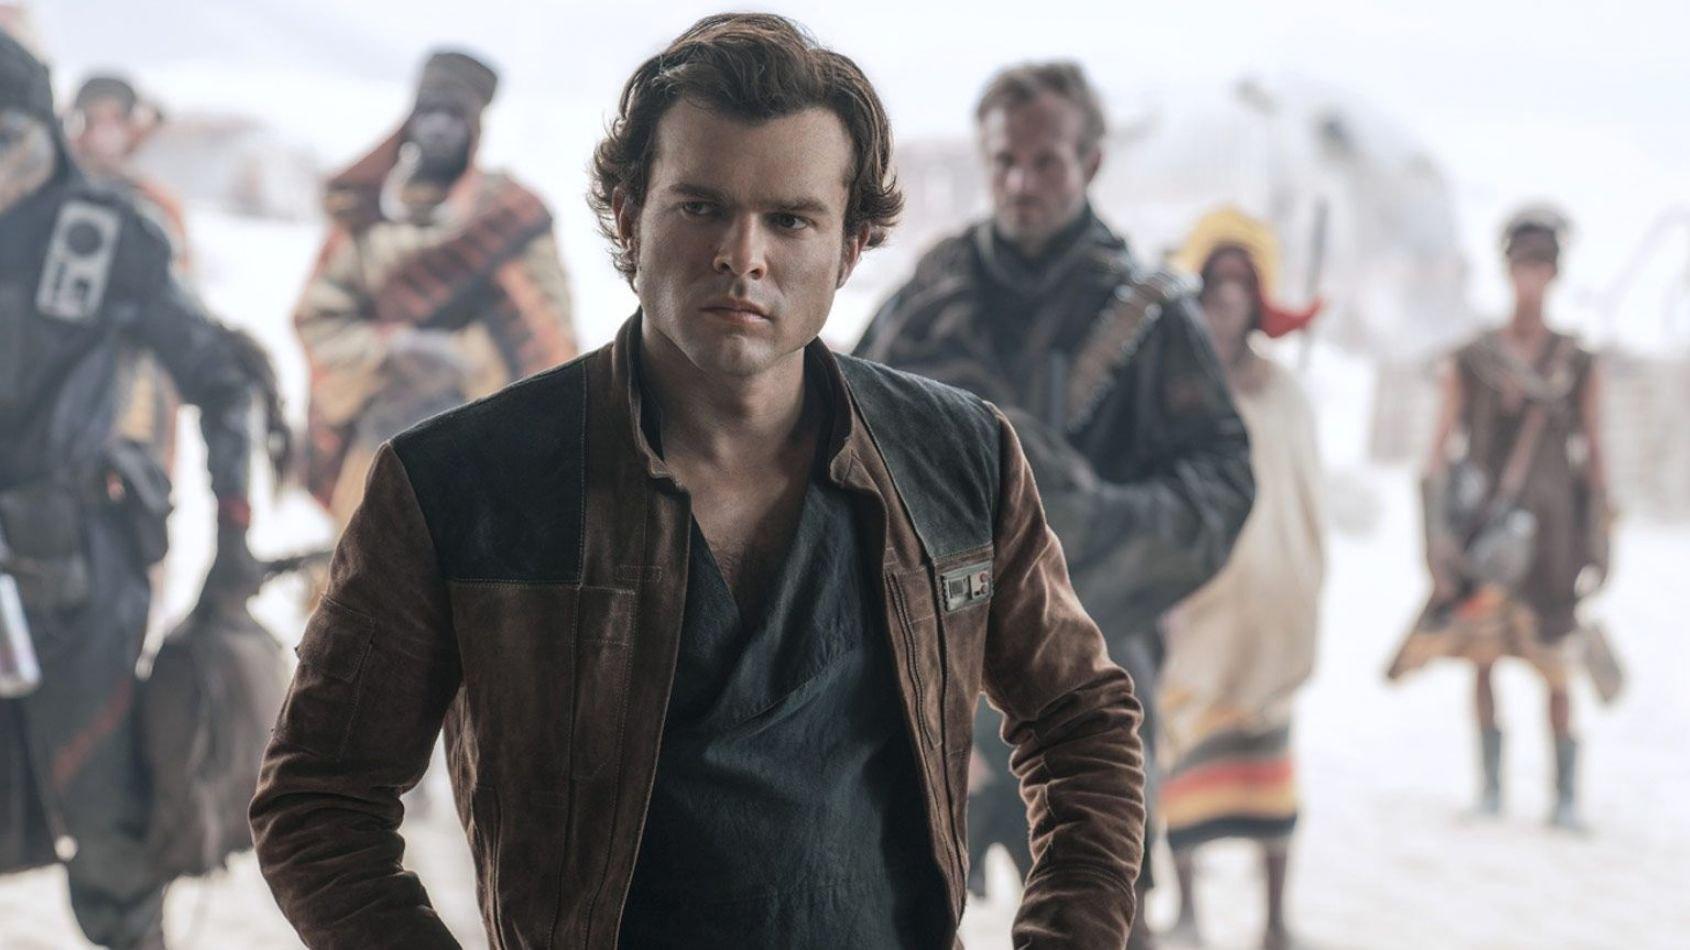 Alden Ehrenreich prêt à prouver qu'il peut incarner Han Solo